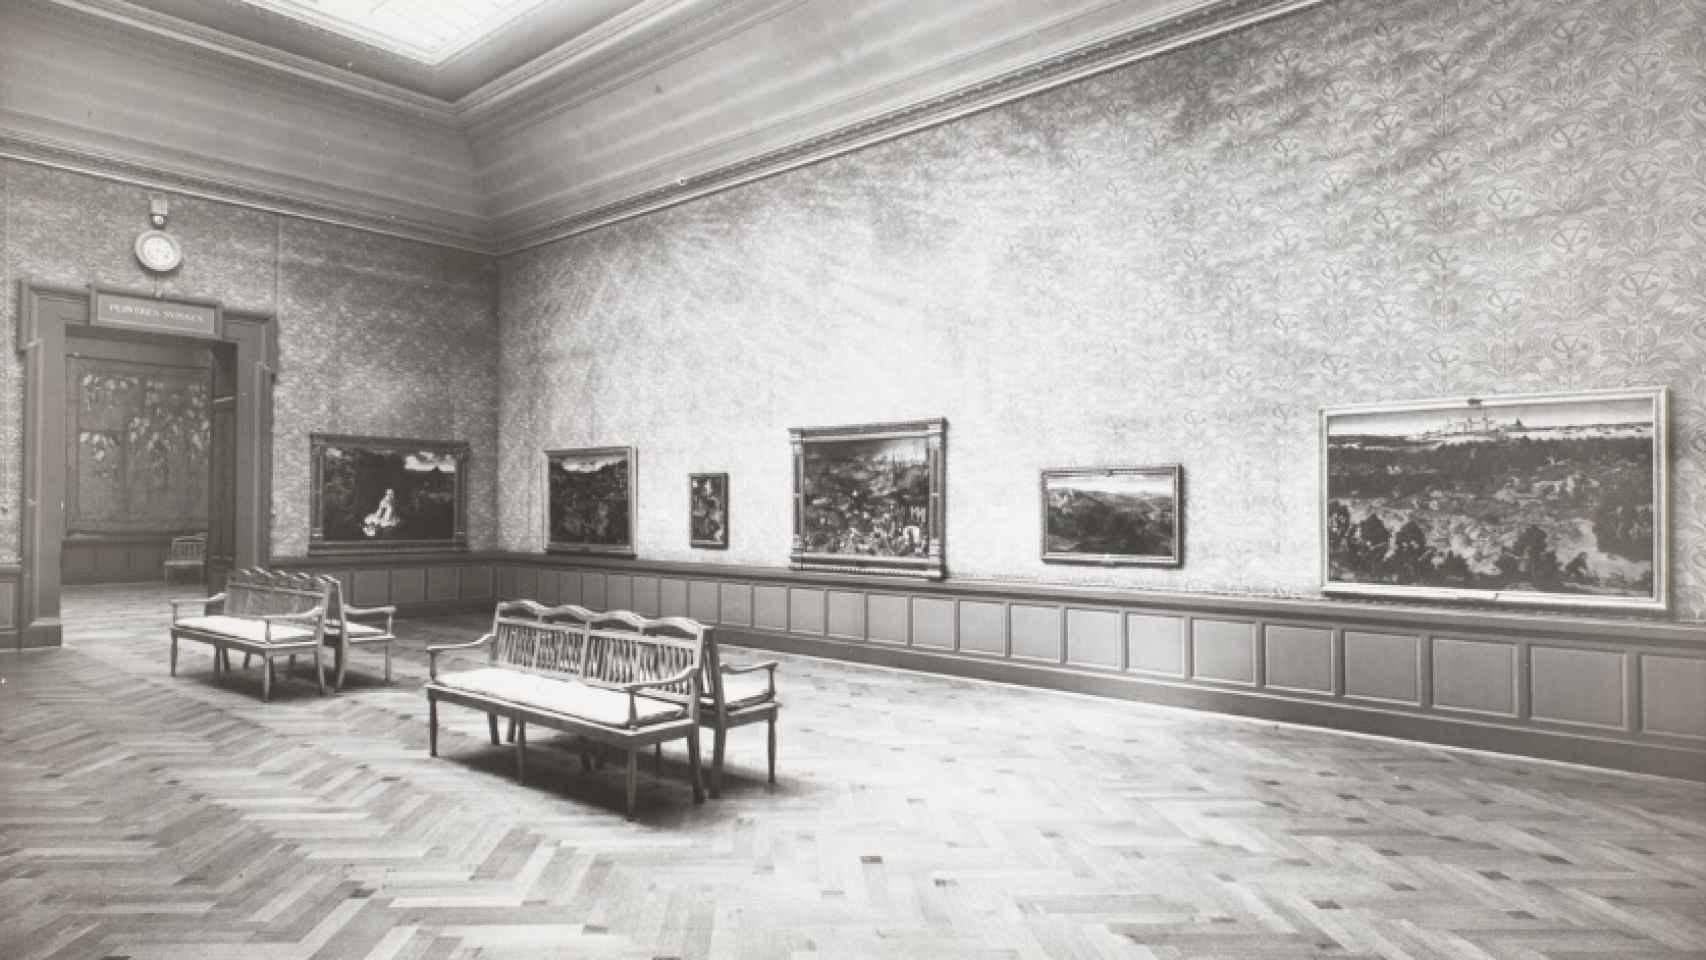 Obras maestras del Museo del Prado, en Ginebra, 1939. Bruegel el viejo, Patinir, Massys, El Bosco y Lucas Cranach el Viejo.